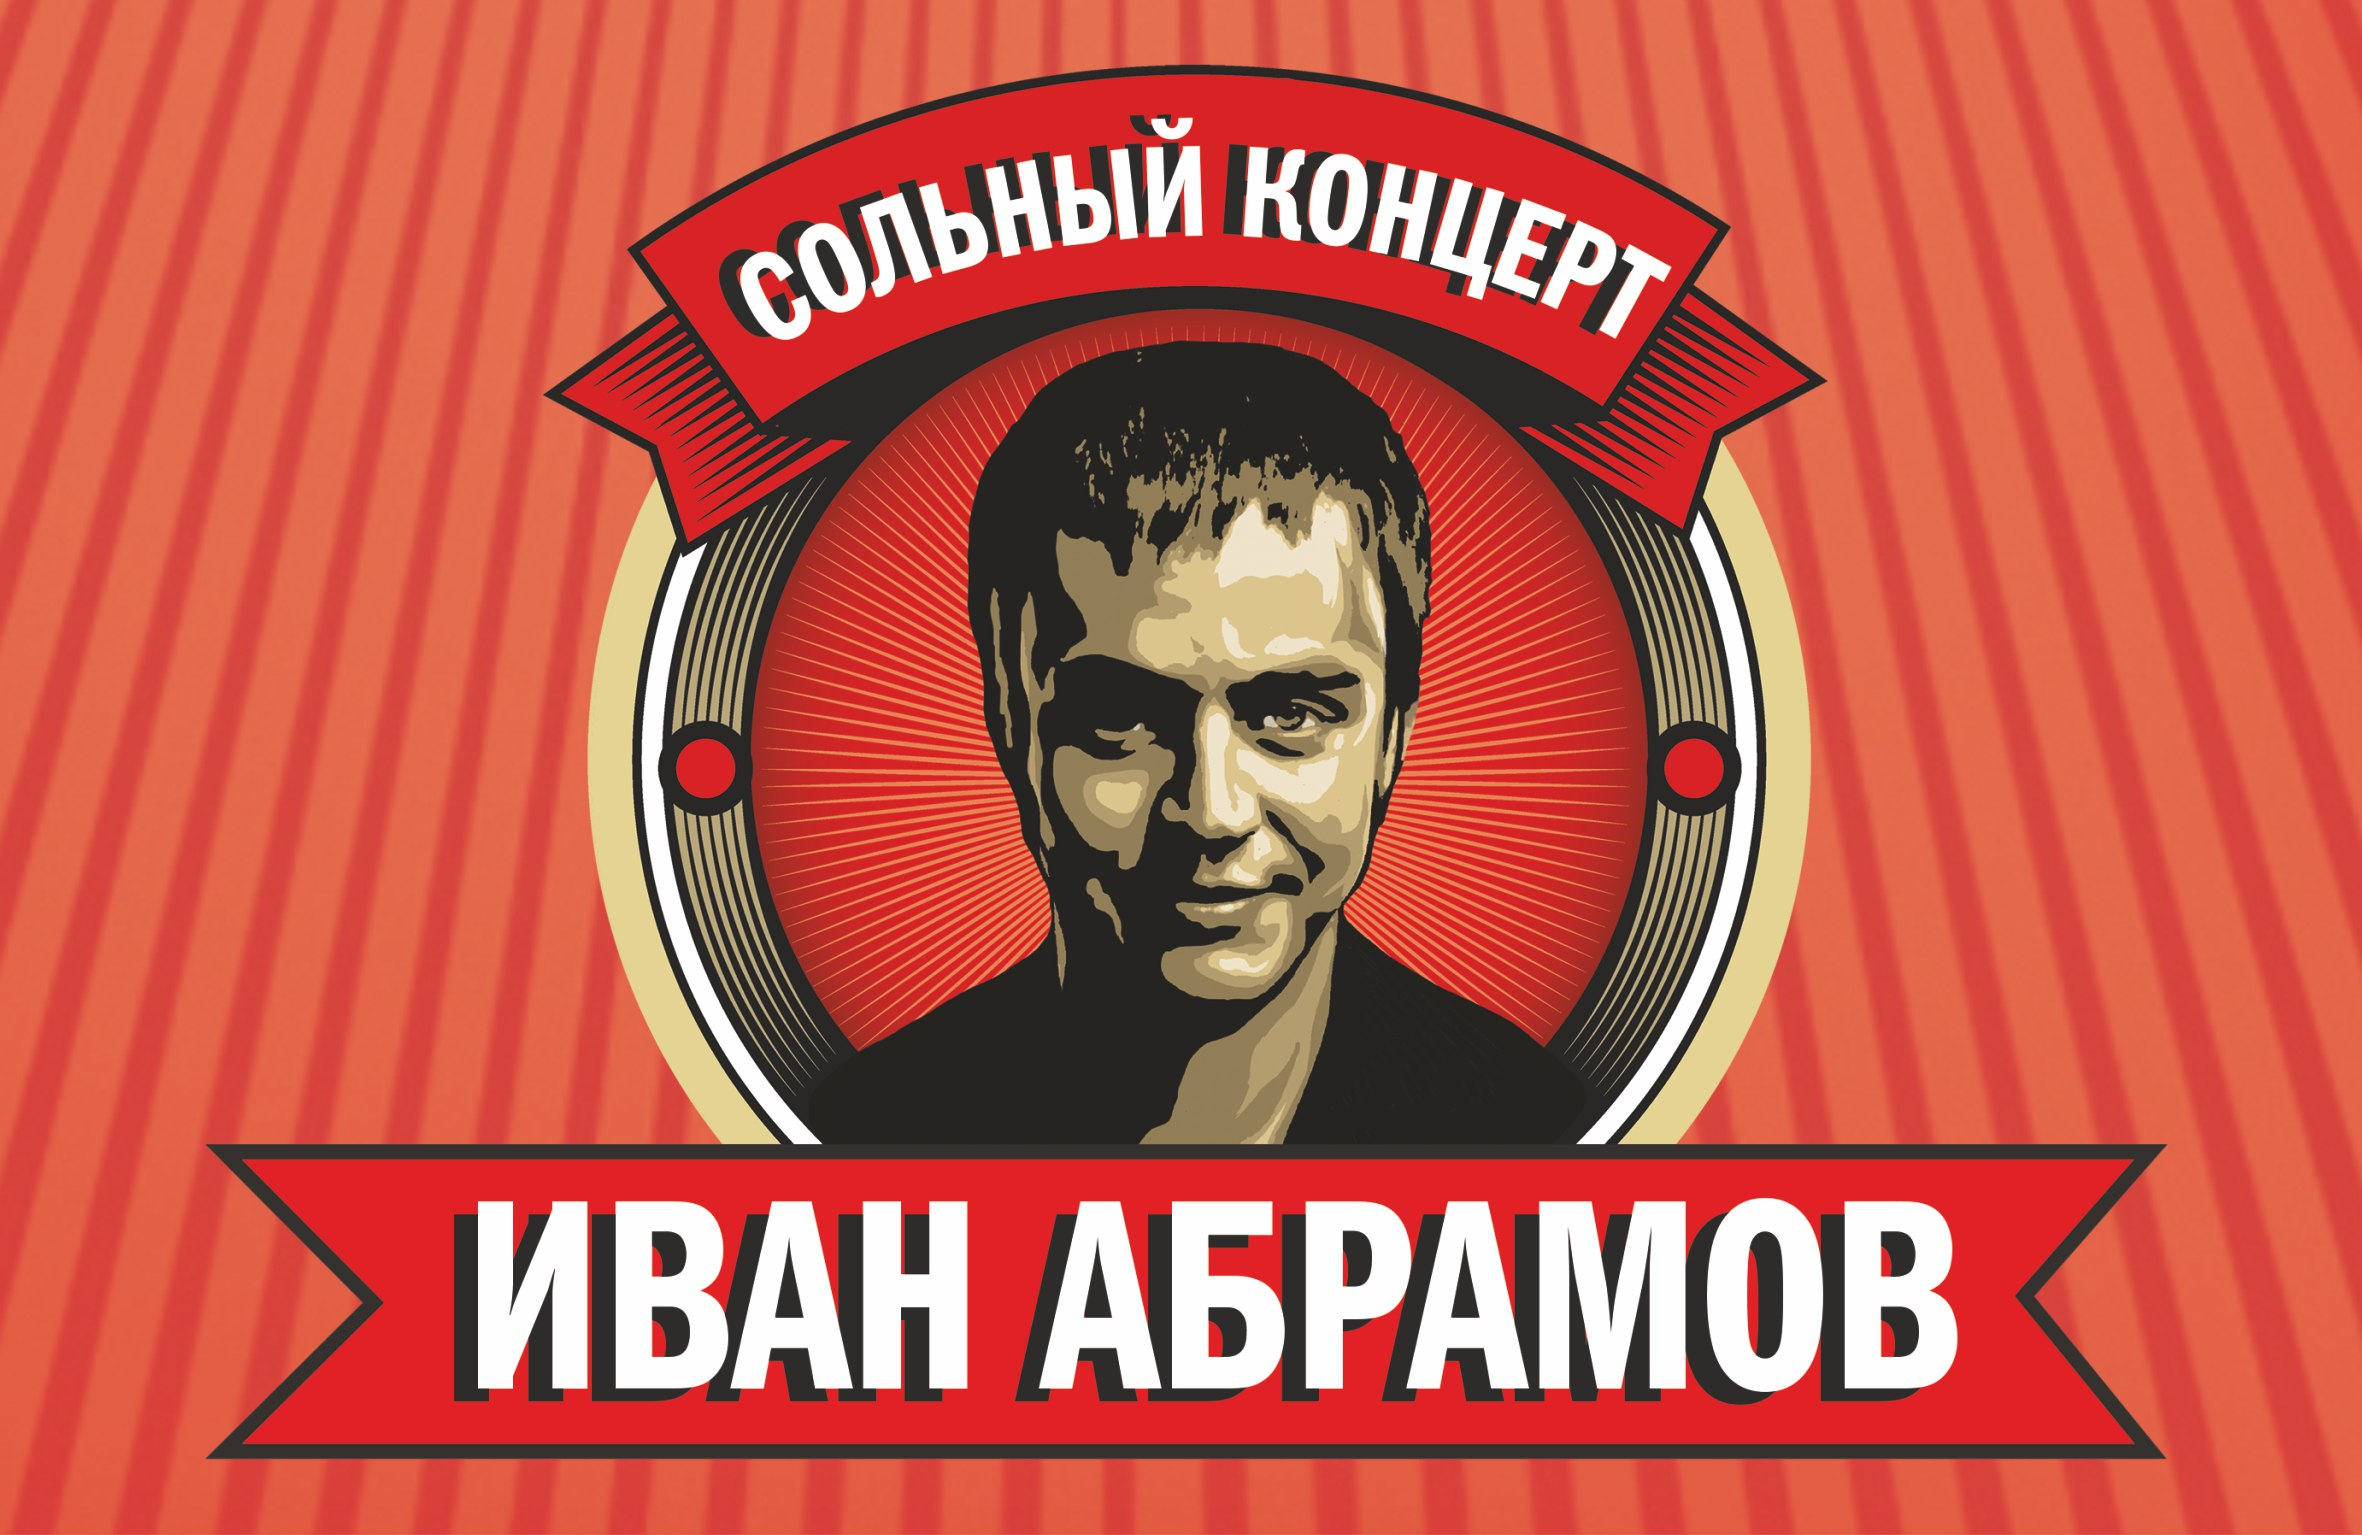 Иван Абрамов Сольный концерт